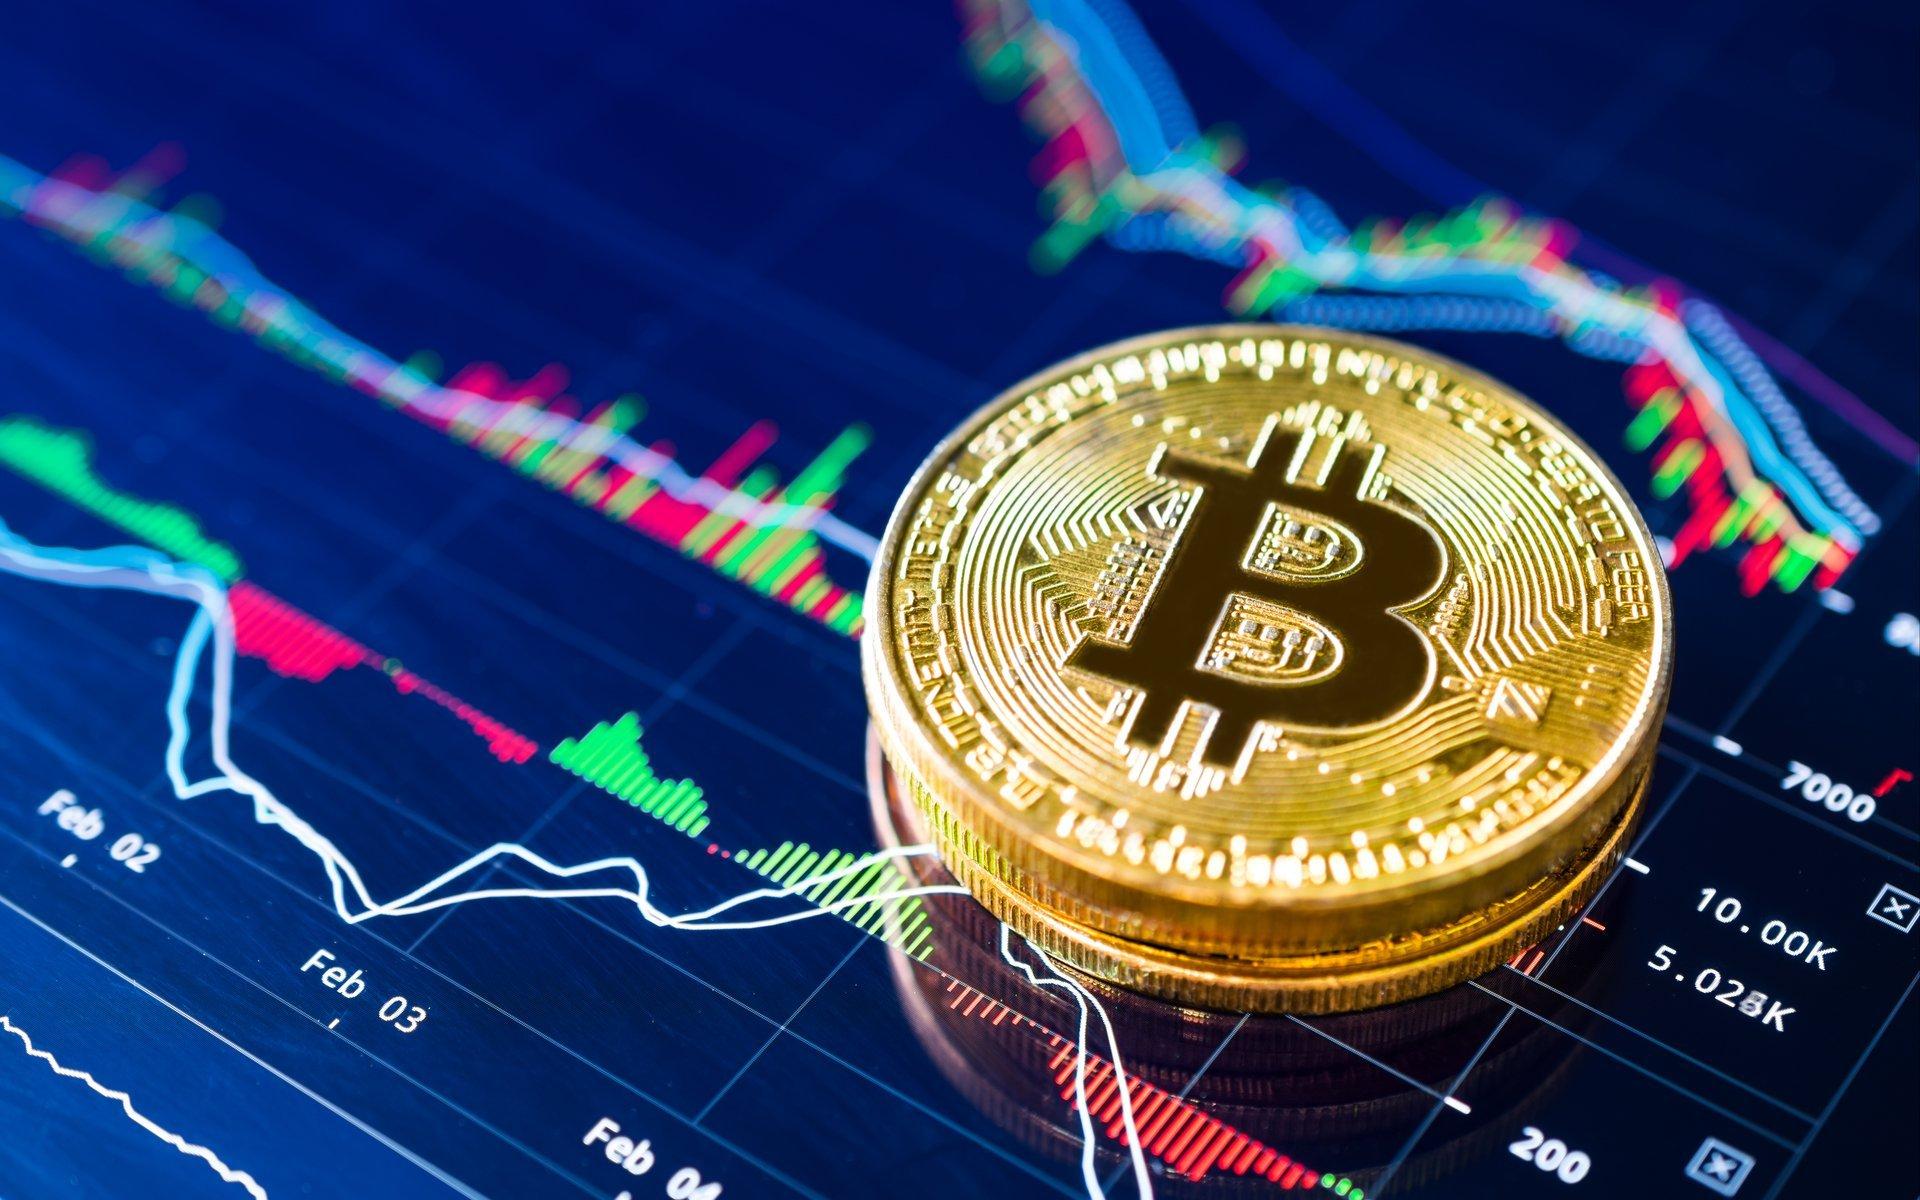 De acuerdo al CME, el volumen de comercio de derivados de Bitcoin en su plataforma sugiere un fuerte interés institucional ante la llegada del halving